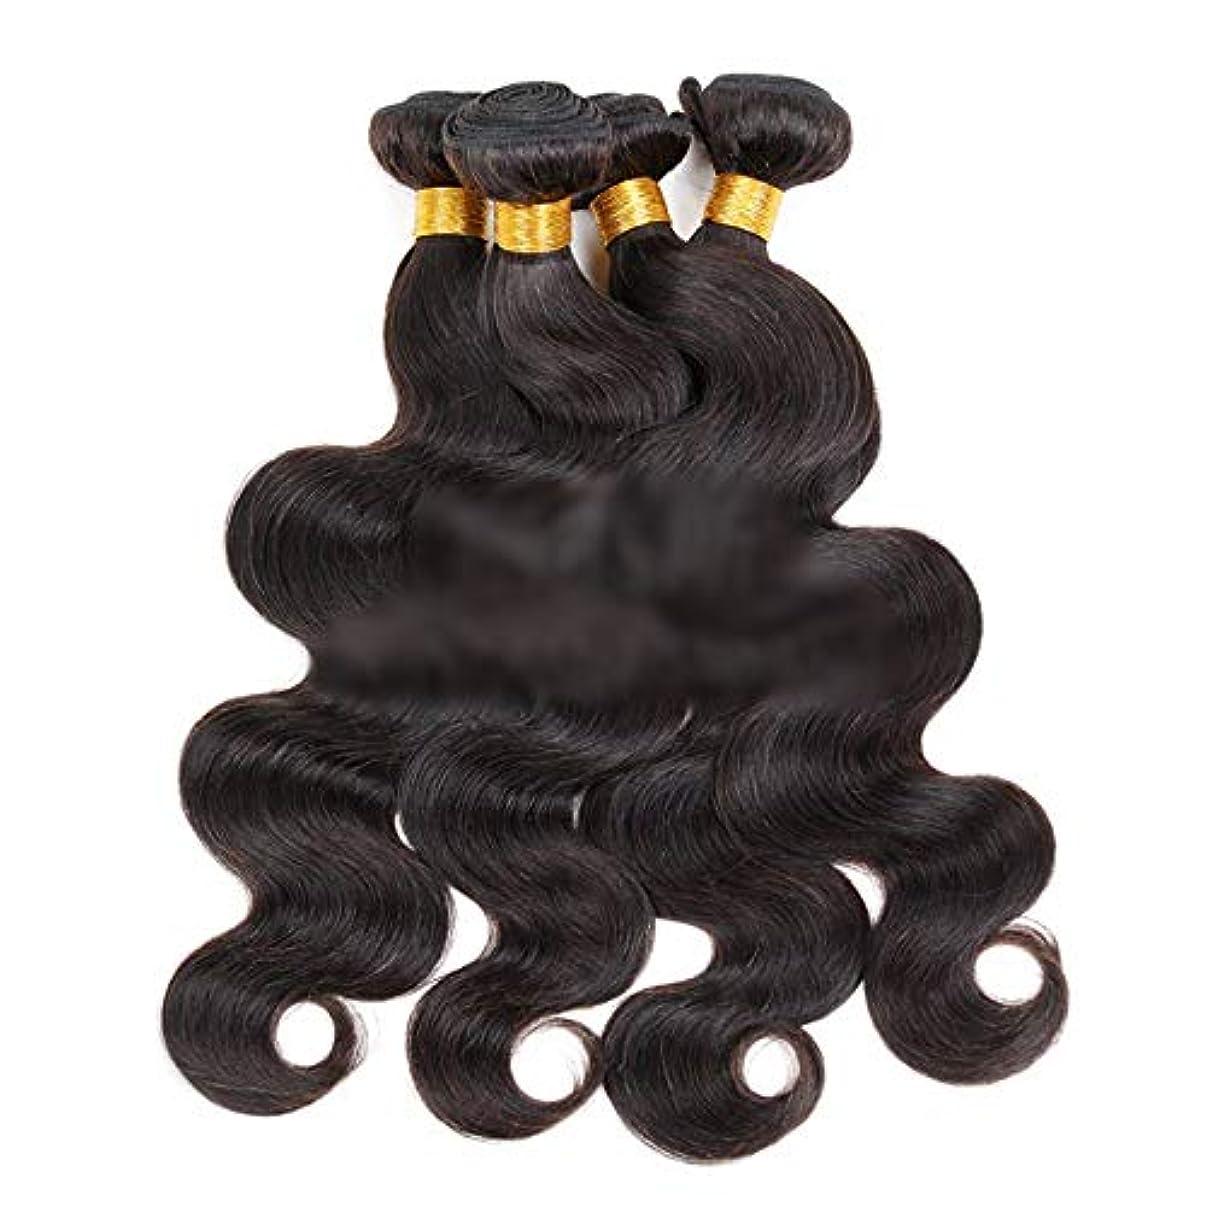 不健全感動するパン屋HOHYLLYA ブラジル実体波巻き毛の束100%本物の人間の髪の毛50g /バンドルナチュラルルッキングビッグウェーブウィッグ (色 : 黒, サイズ : 22 inch)